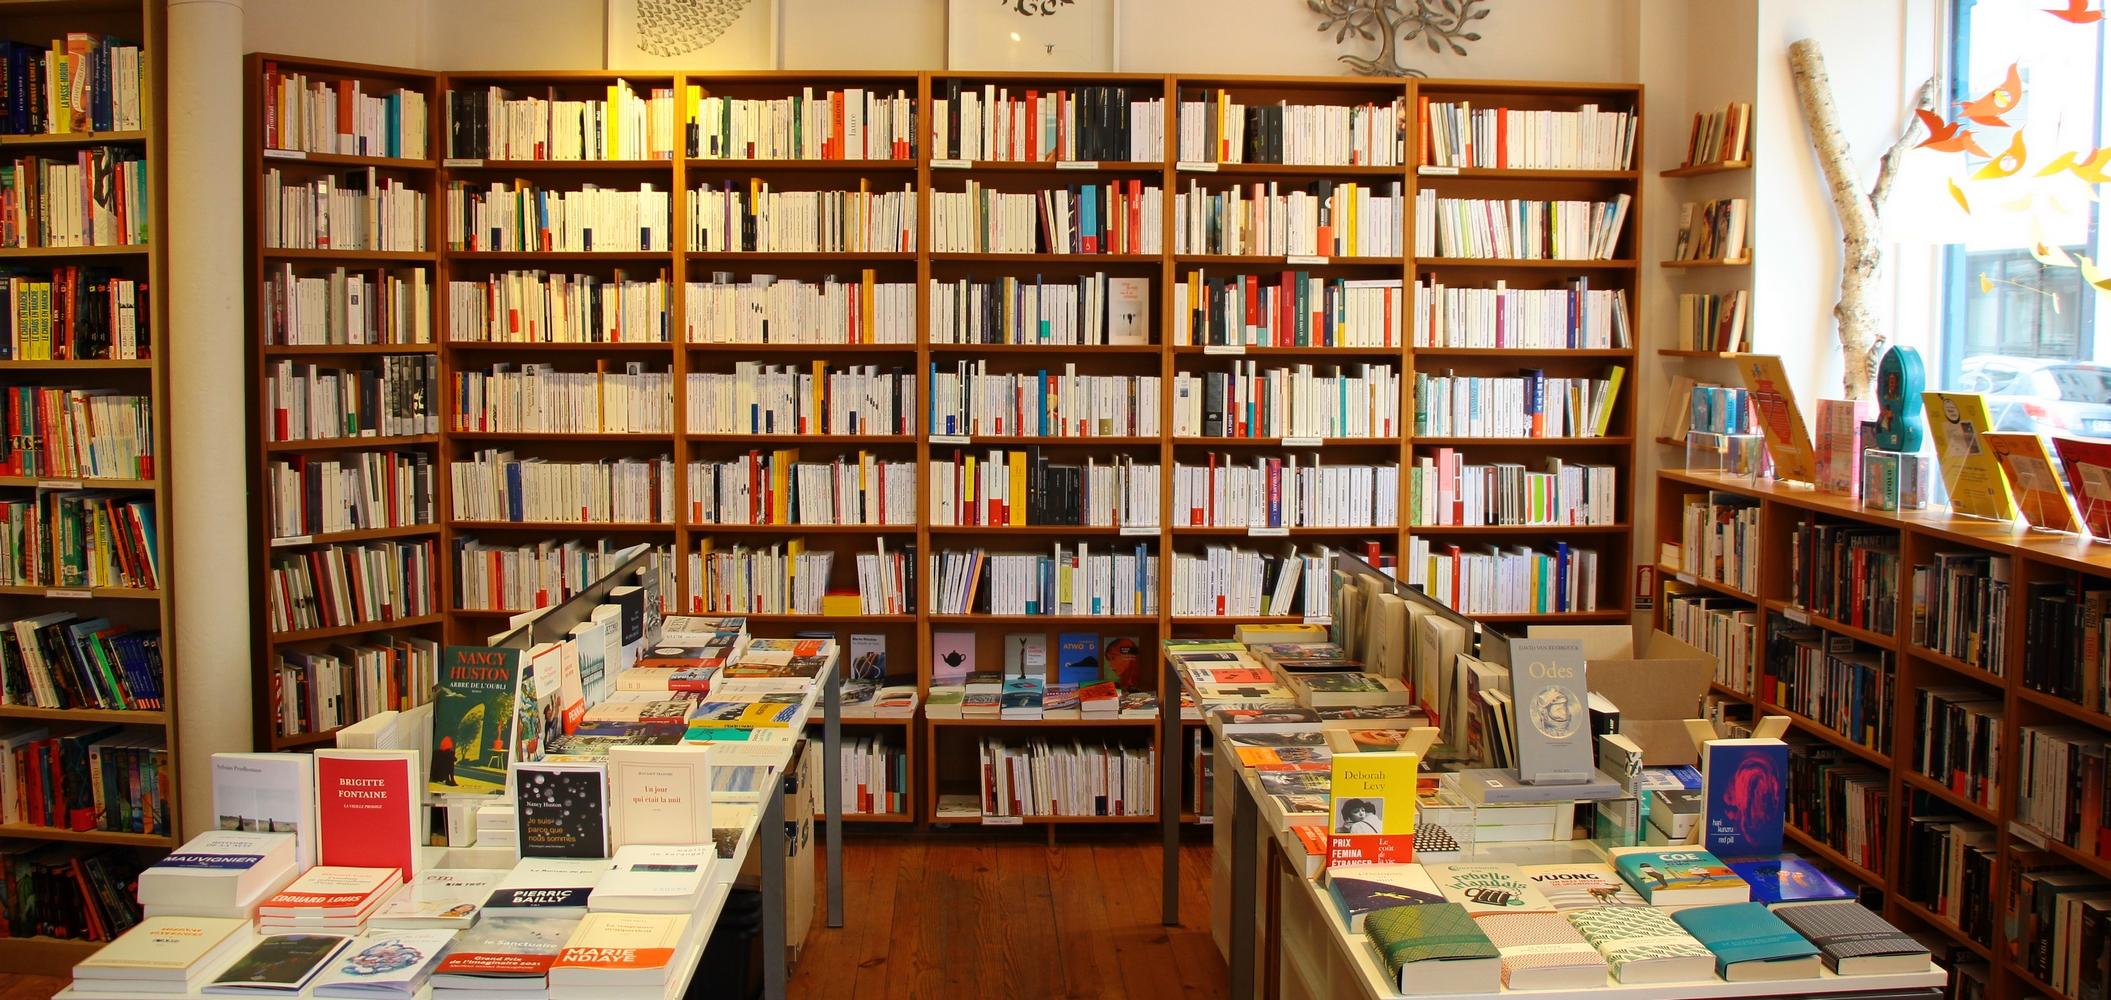 Avec votre aide, assurons la reprise de la librairie Les Oiseaux rares !